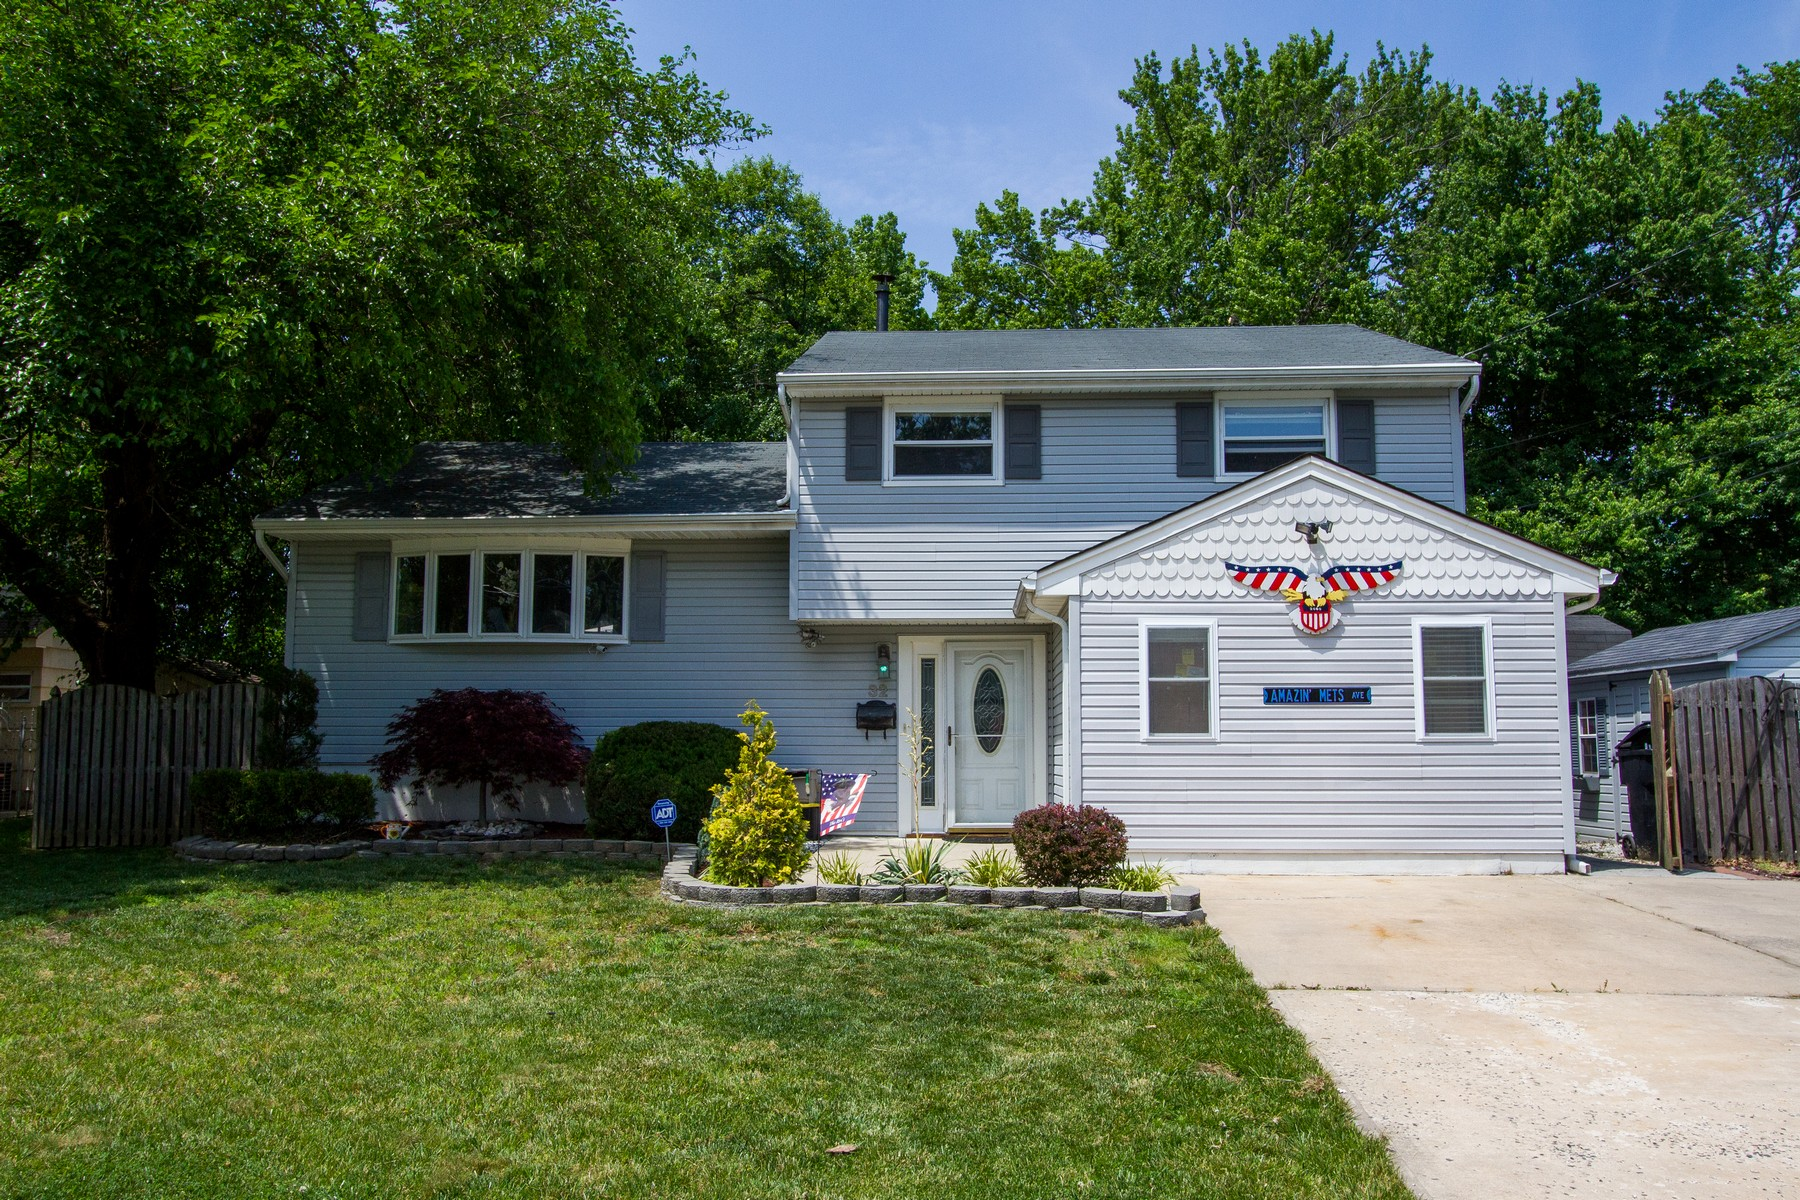 Casa Unifamiliar por un Venta en Fantastic Split Level 32 Hemlock St Hazlet, Nueva Jersey 07730 Estados Unidos